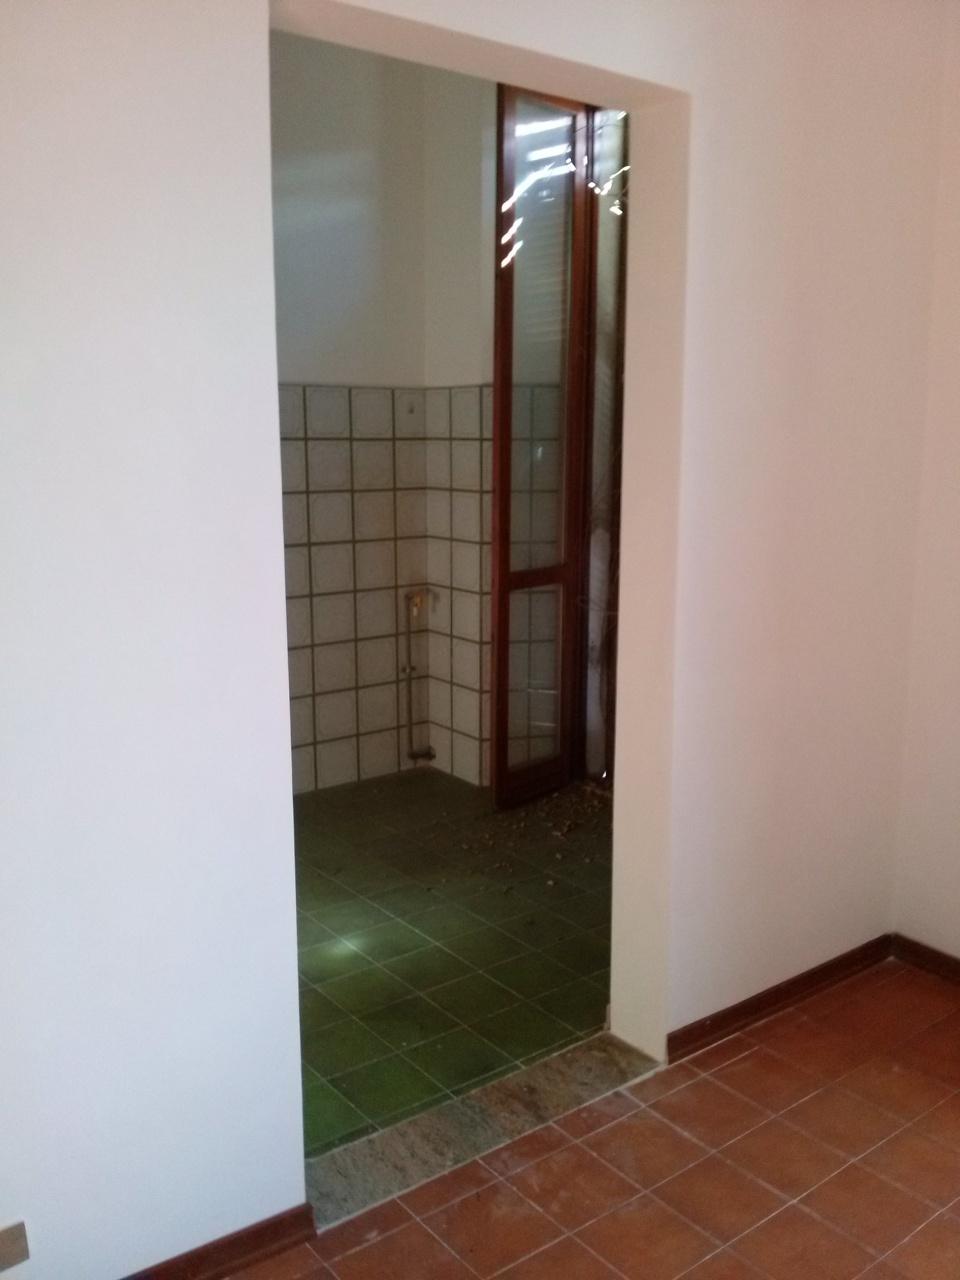 Appartamento in vendita a Ascoli Piceno, 5 locali, zona Località: SanFilippo, prezzo € 77.000 | Cambio Casa.it